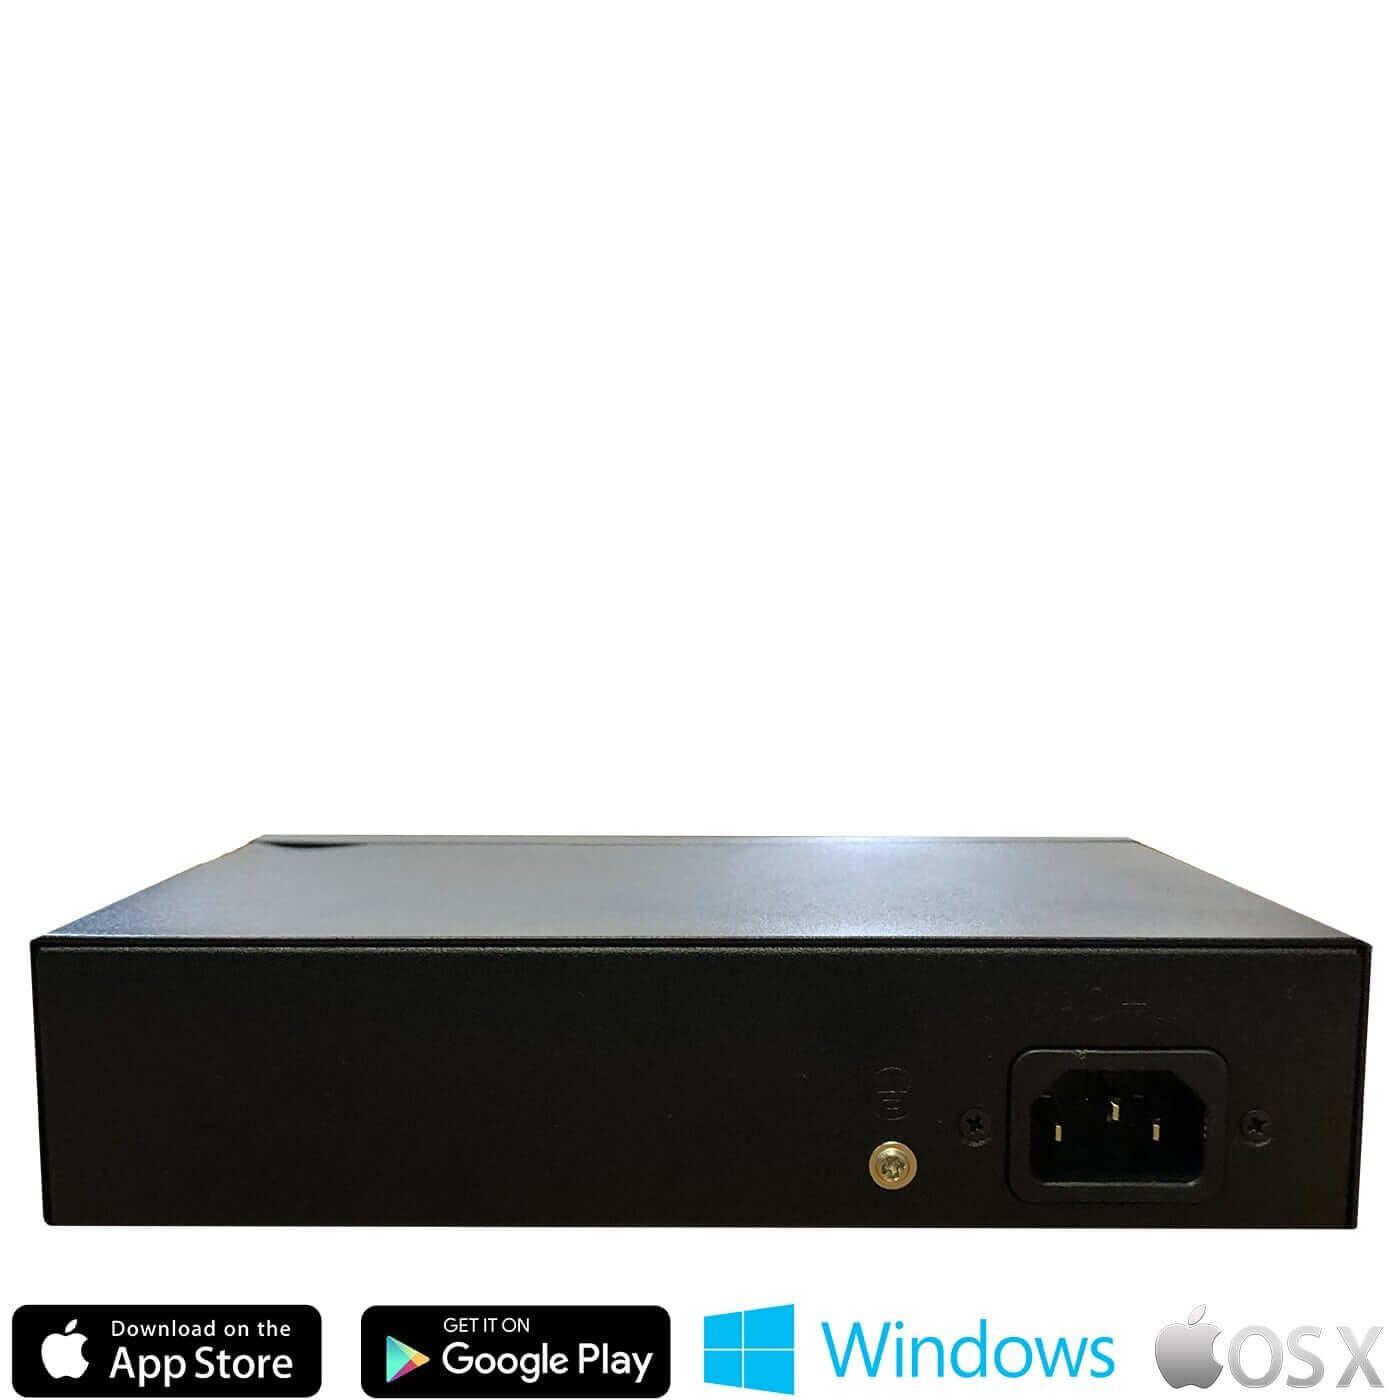 Готовый IP комплект видеонаблюдения на 5 камер для улицы 5 мегапикселей